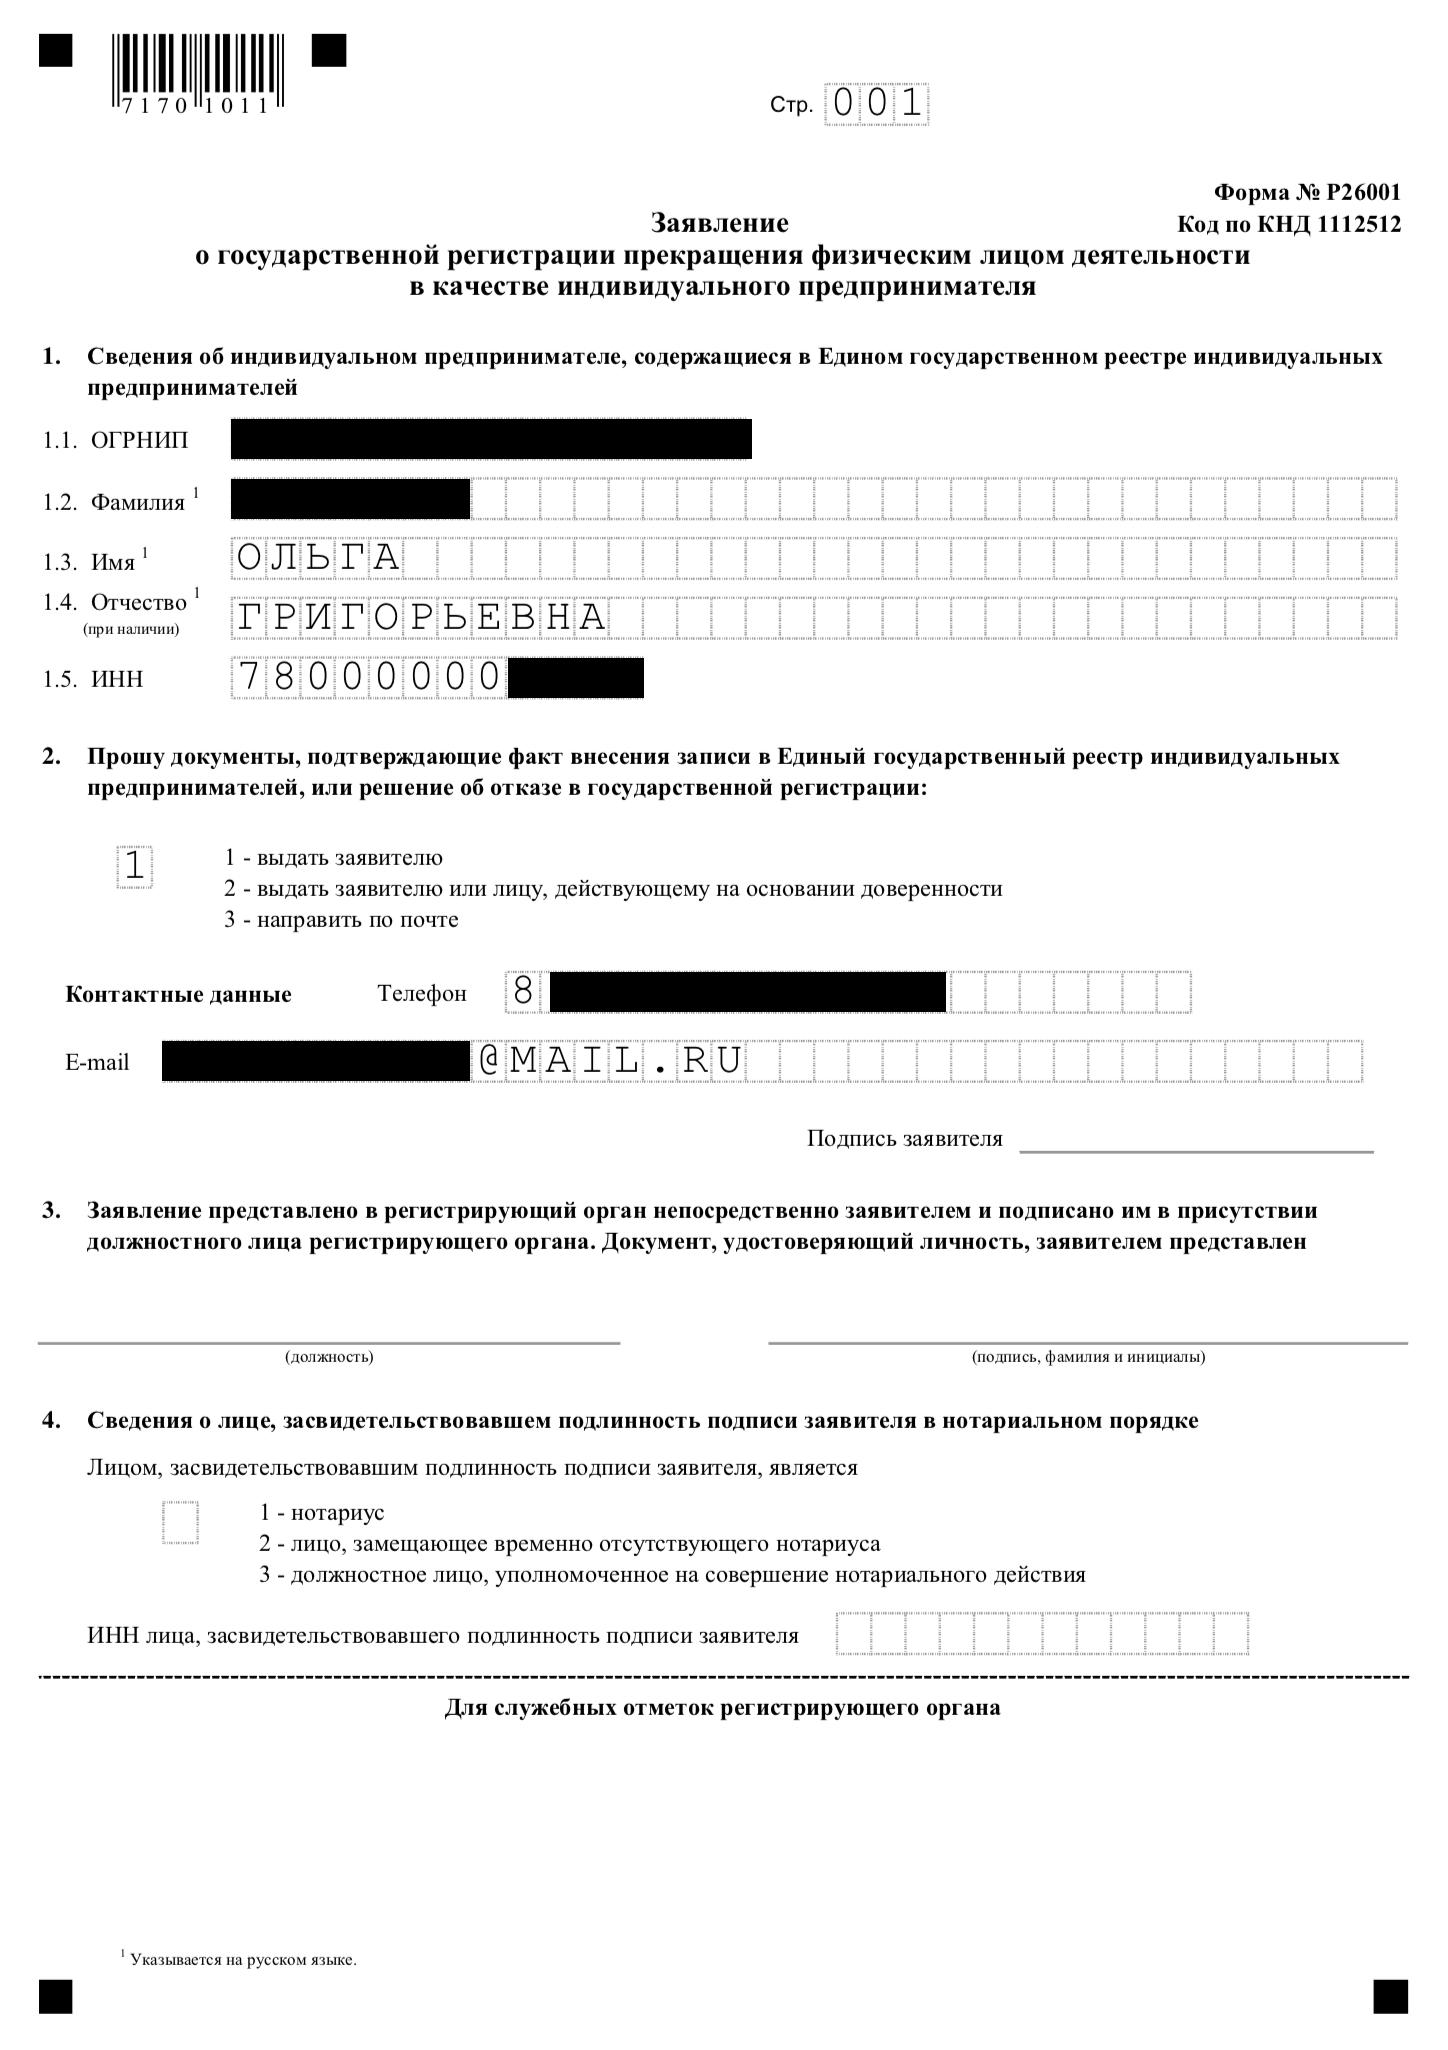 Образец заявления на закрытие ИП